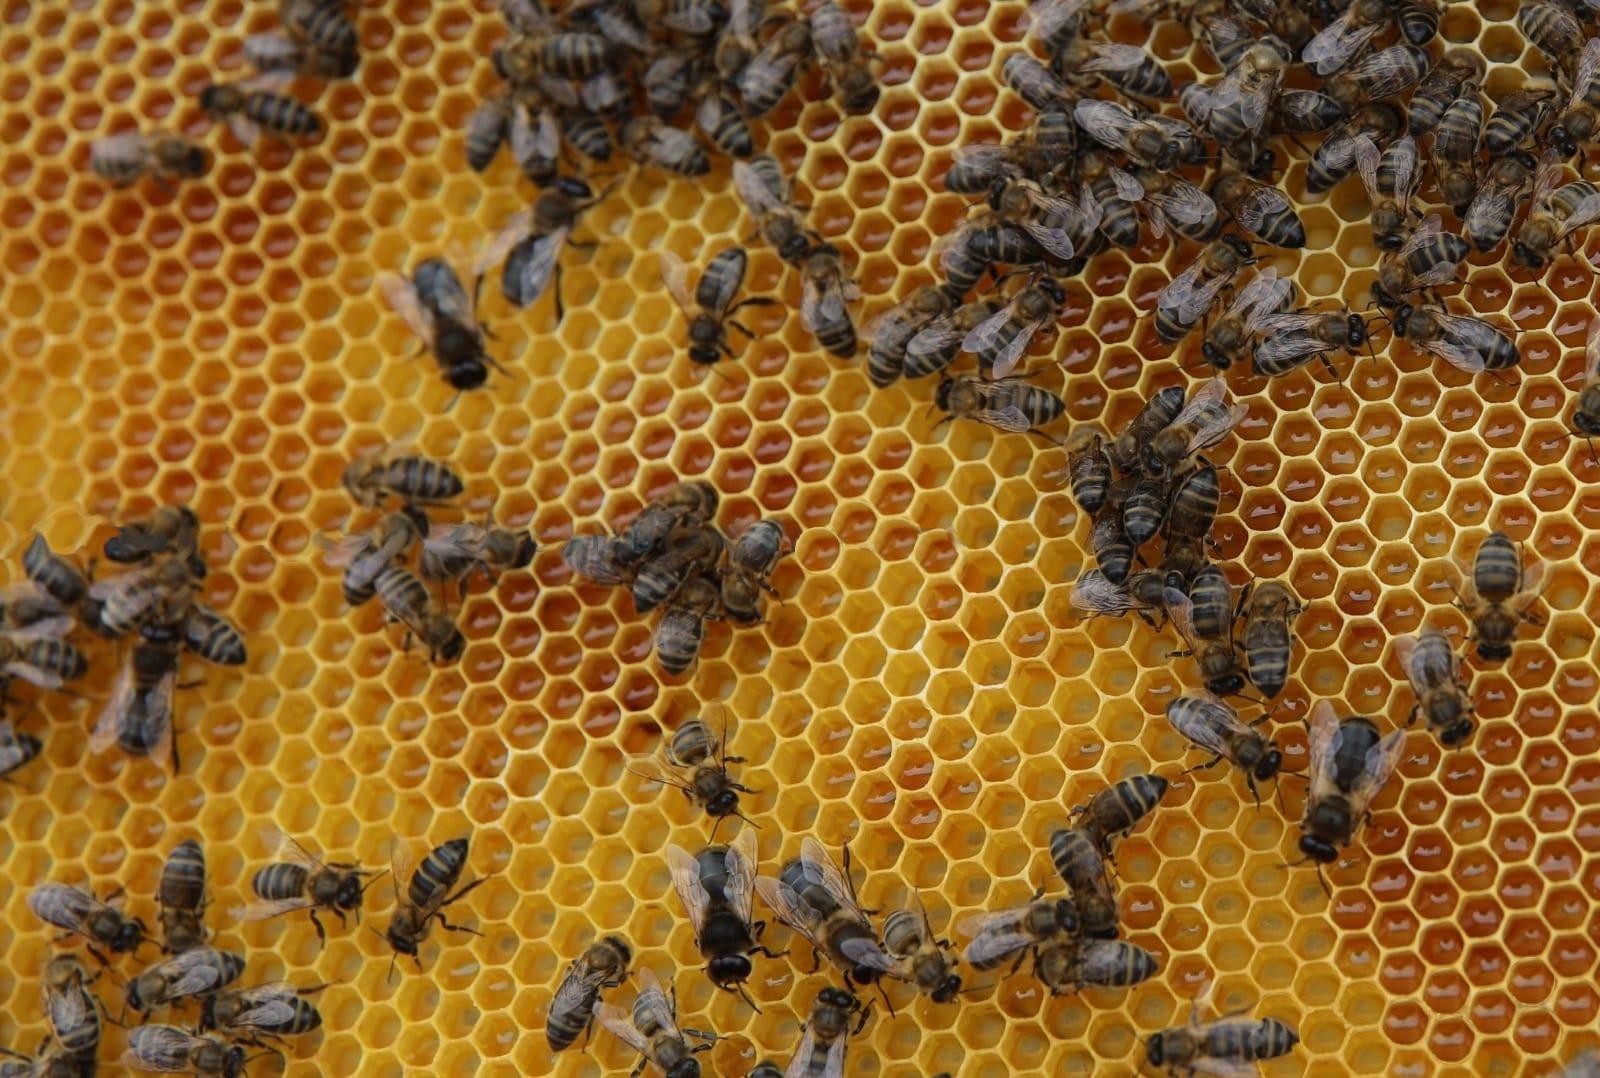 El sector apícola recibe 170.000 euros de ayuda del Gobierno canario